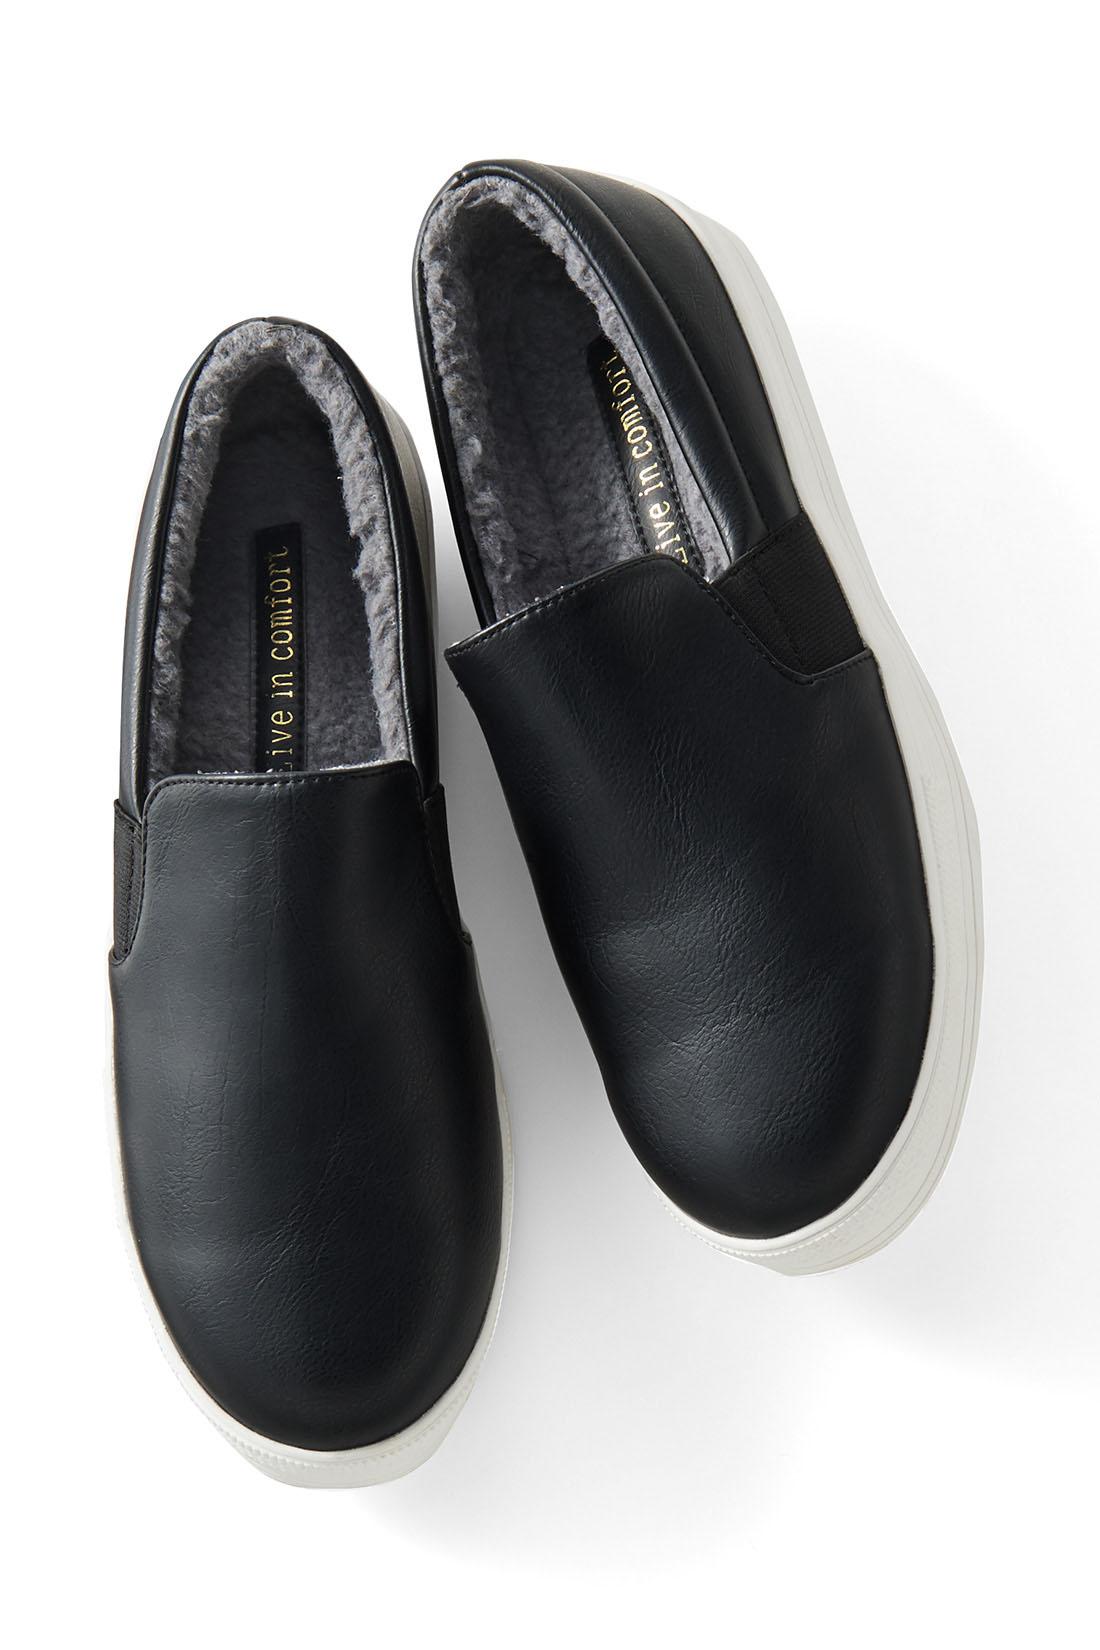 グレーボアがシックな【ブラック】 履き口から少しボアがのぞくのも、かわいい。